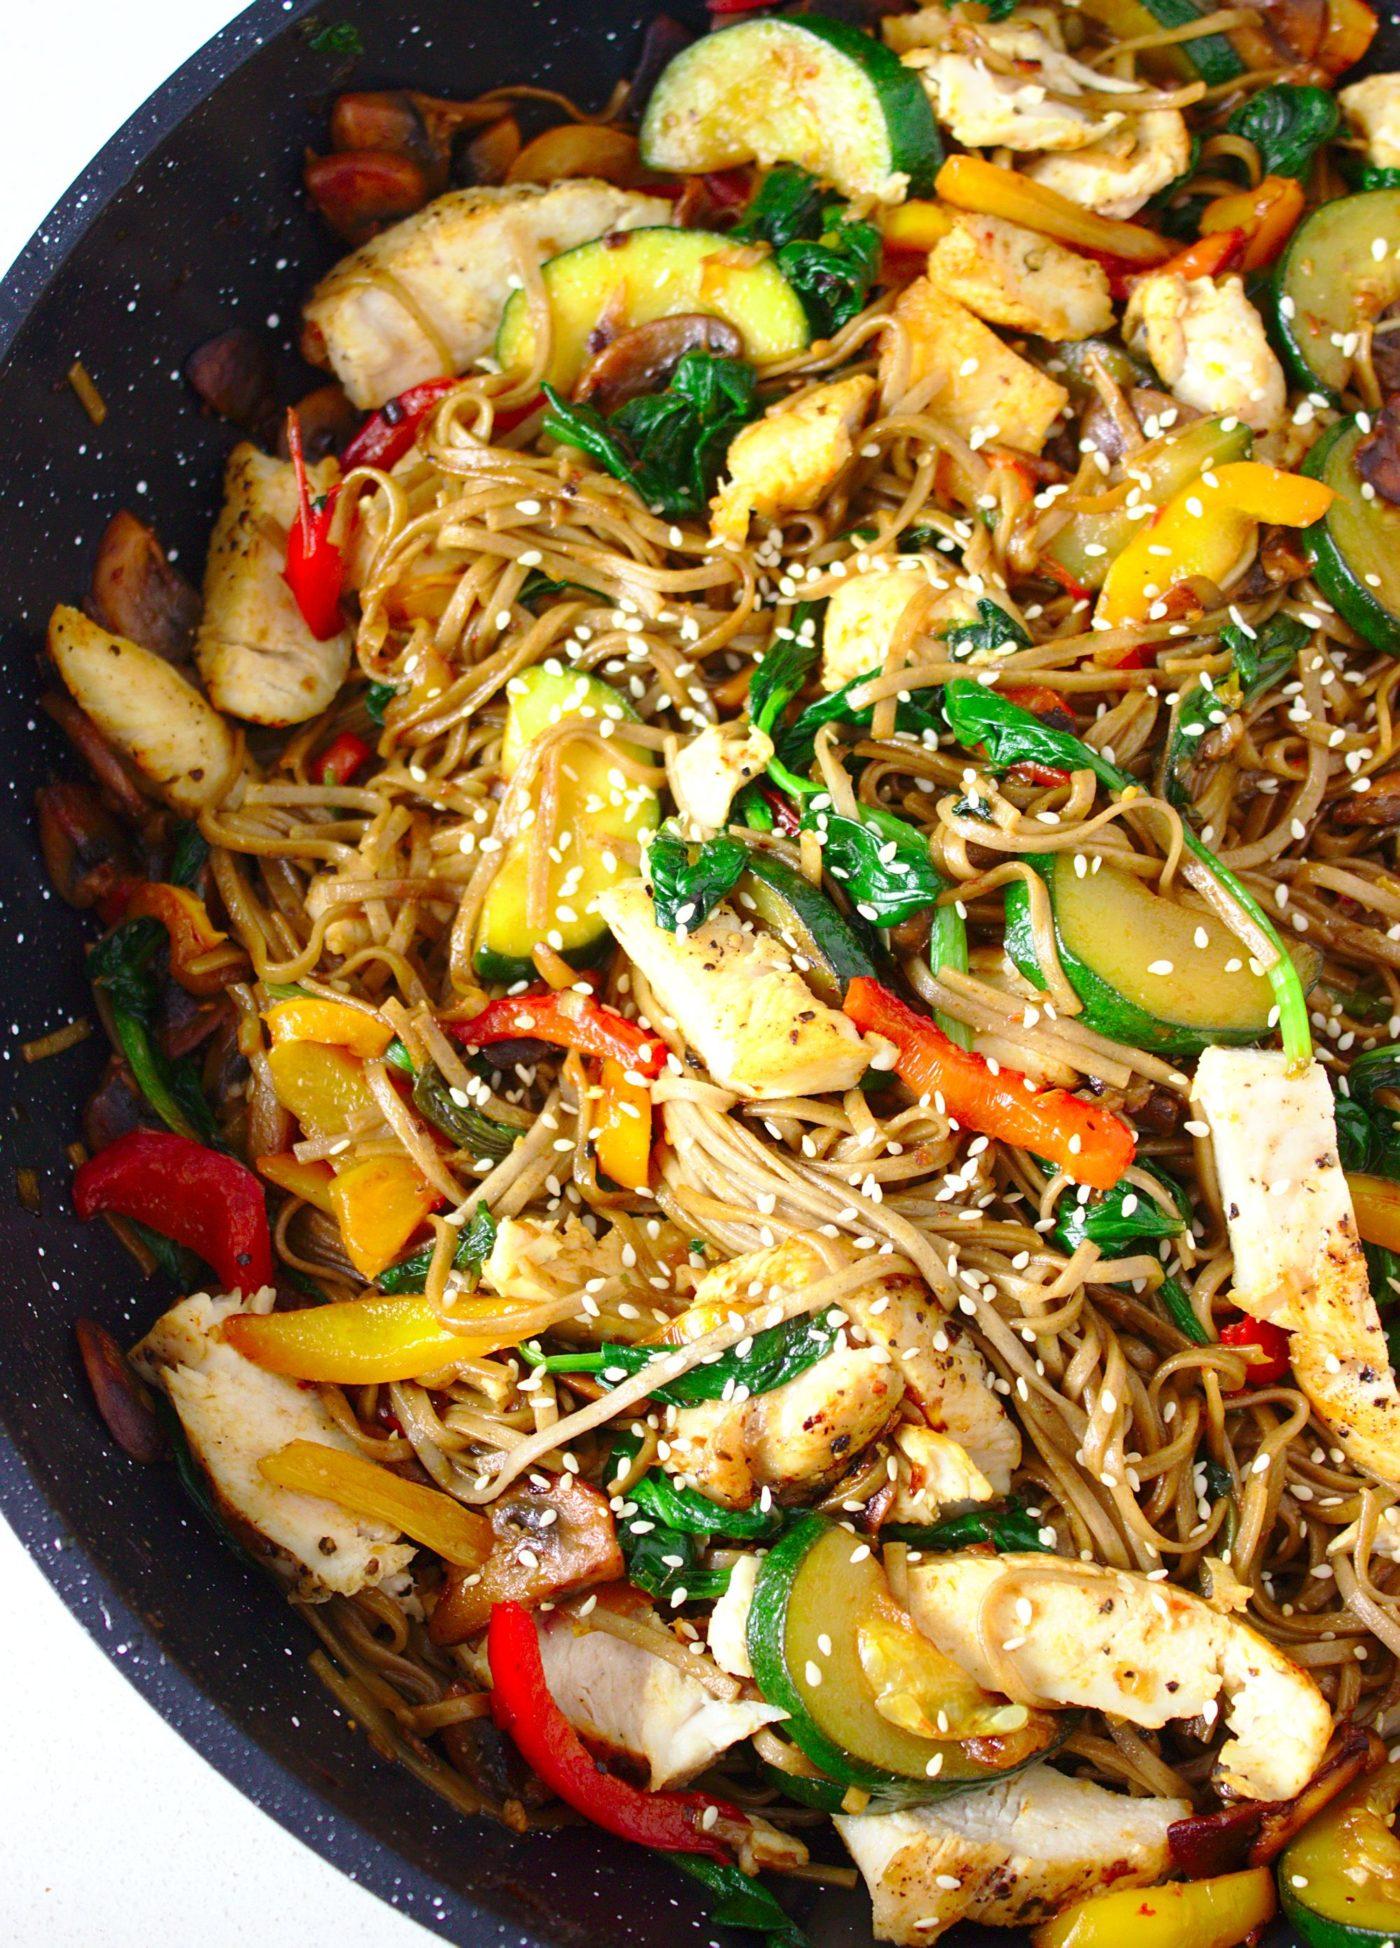 Makaron stir-fry z kurczakiem i warzywami w sosie sojowym. Pomysł na makaron